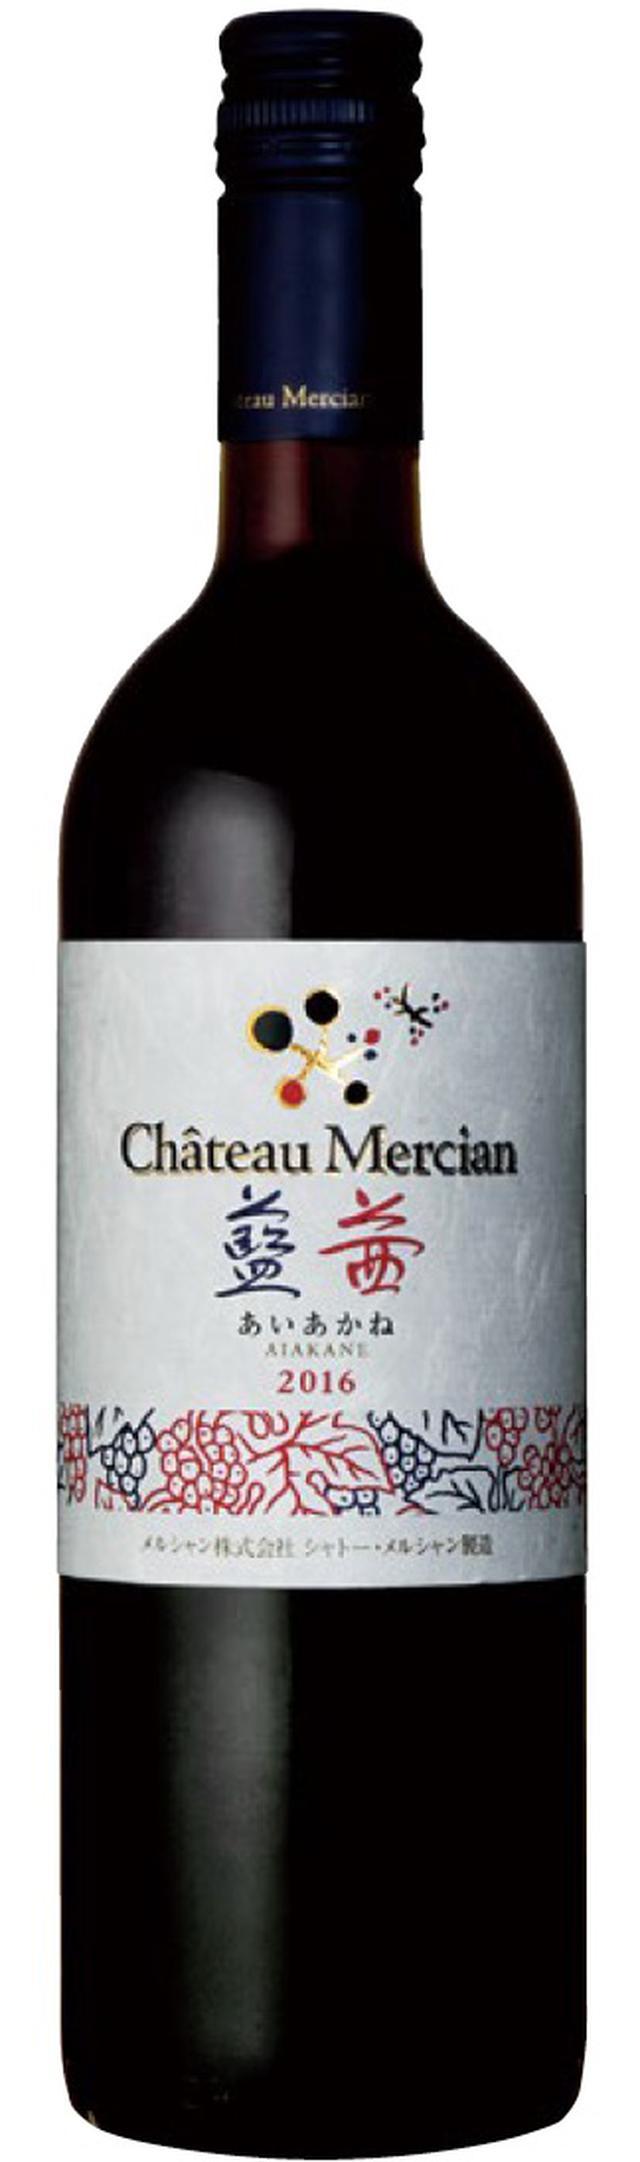 画像5: ワイン王国 2020年7月号/No.117 お勧め5ツ星の買える店(1000円台で見つけた日本ワイン)